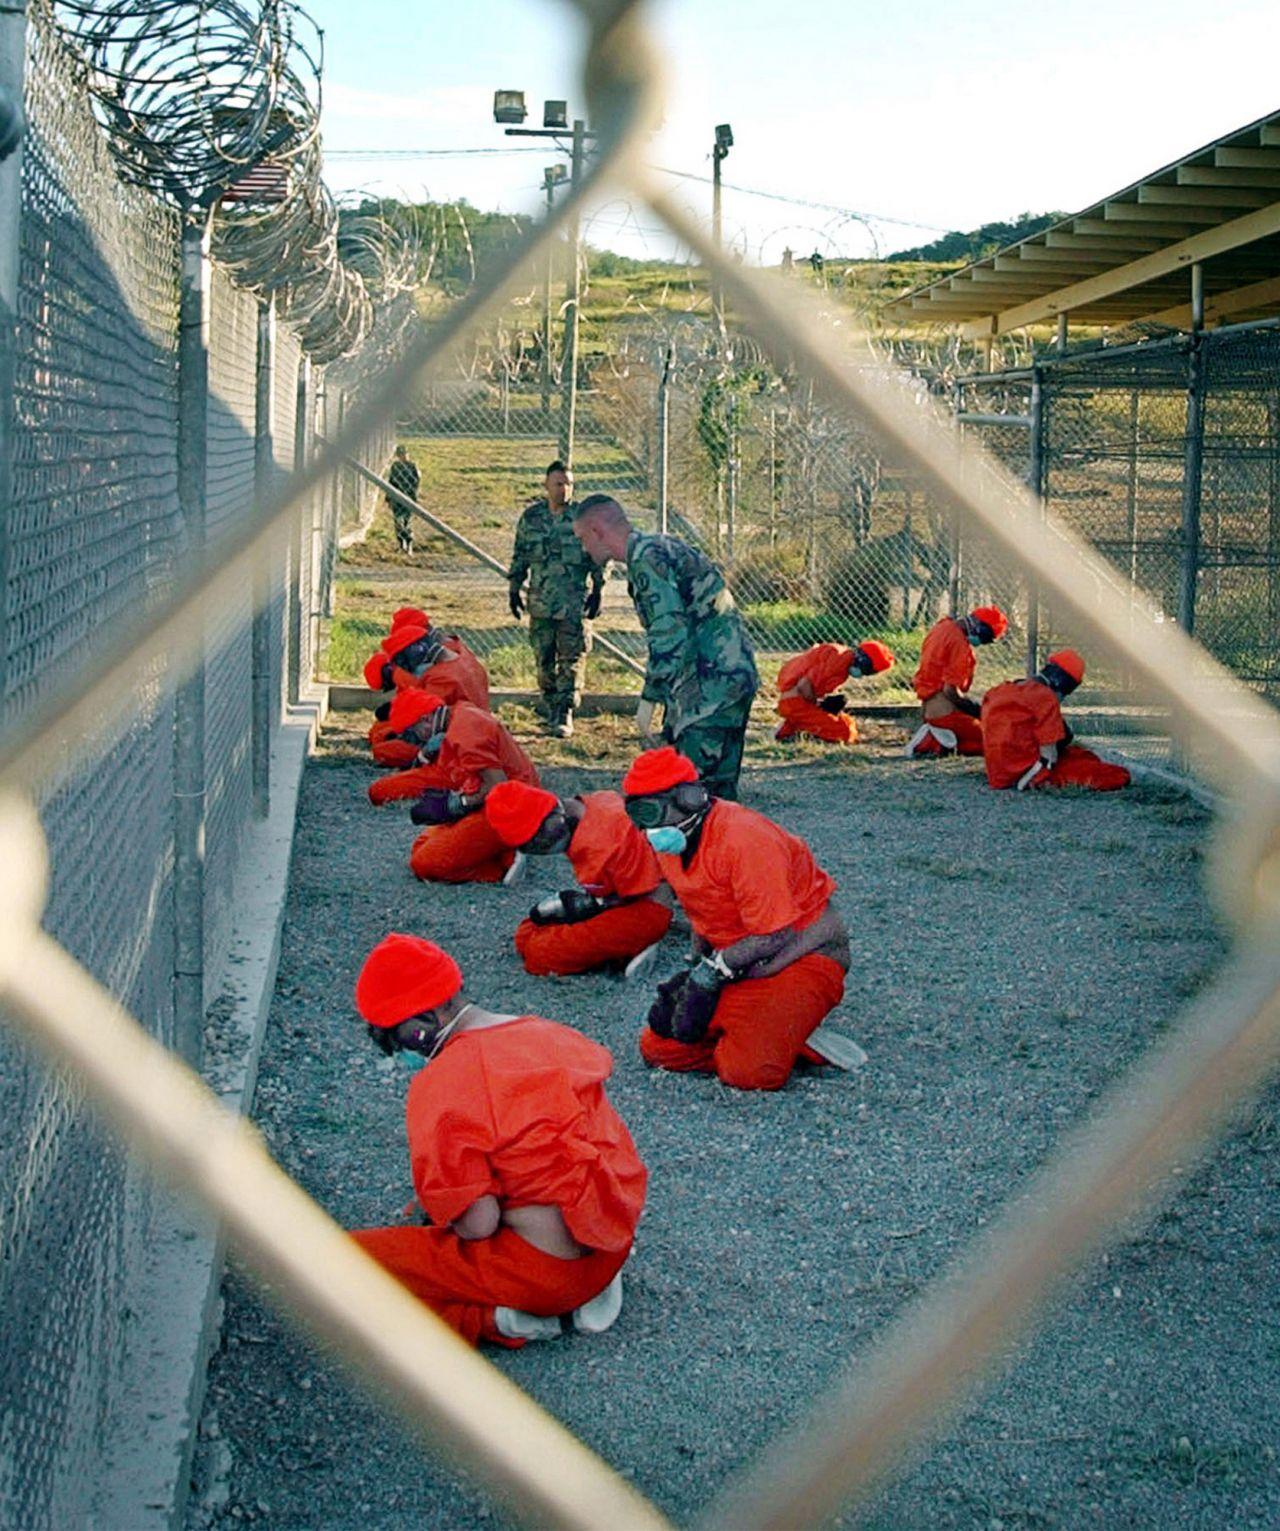 Häftlinge in orangen Overalls